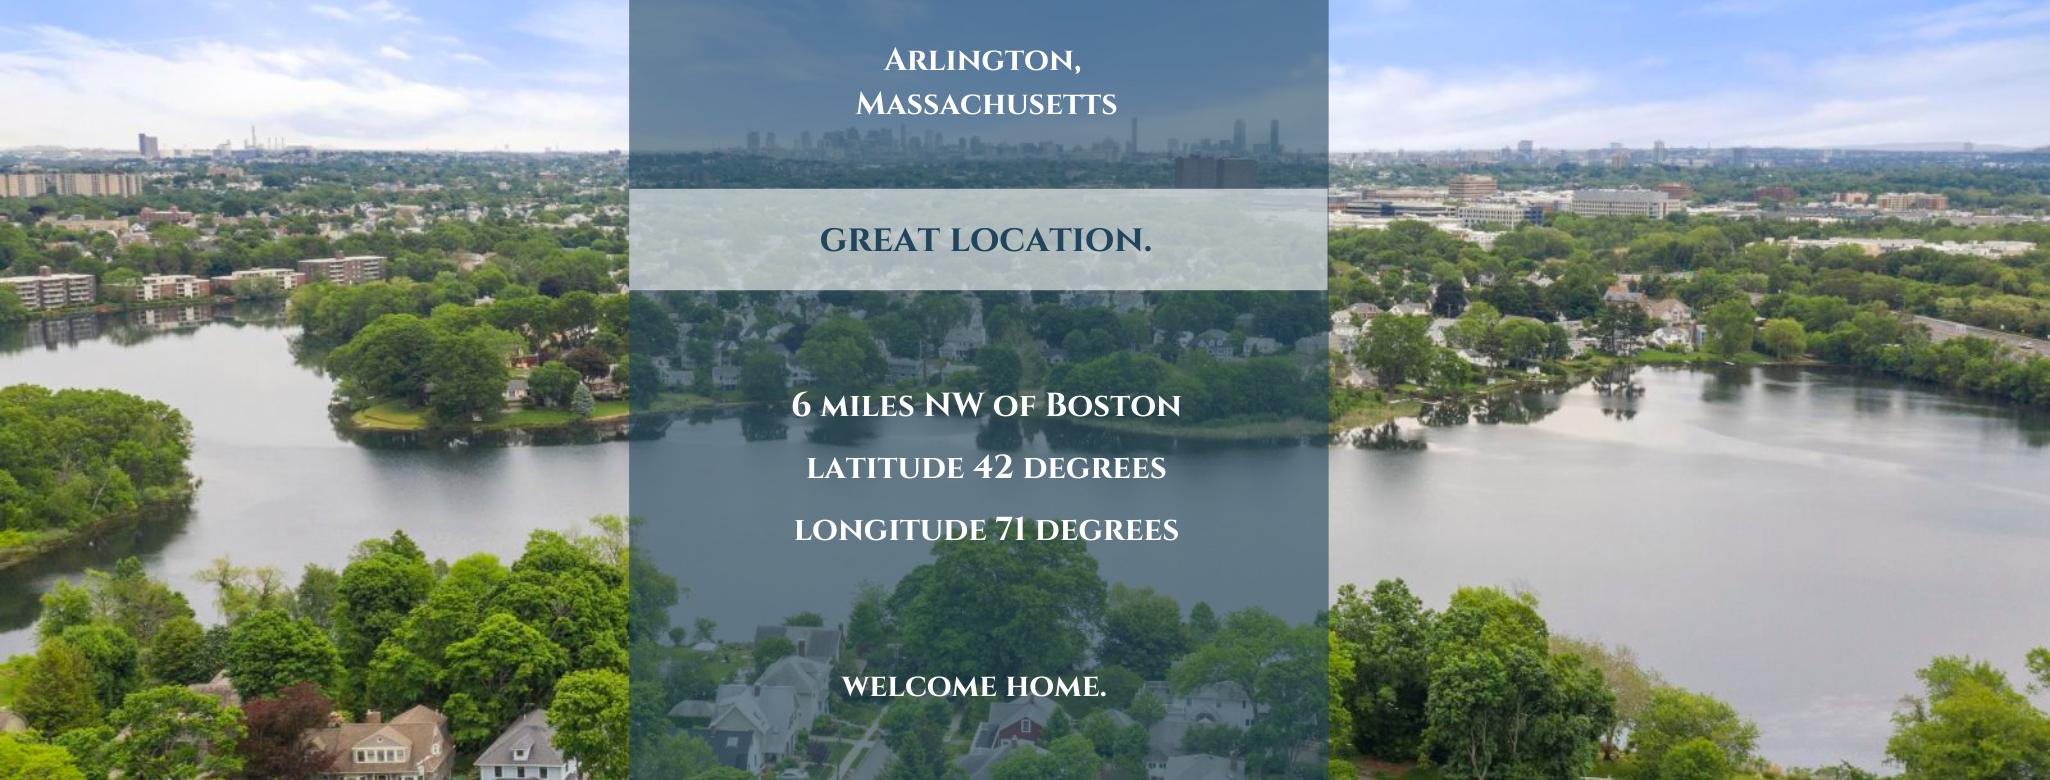 Arlington Ma, Great Location